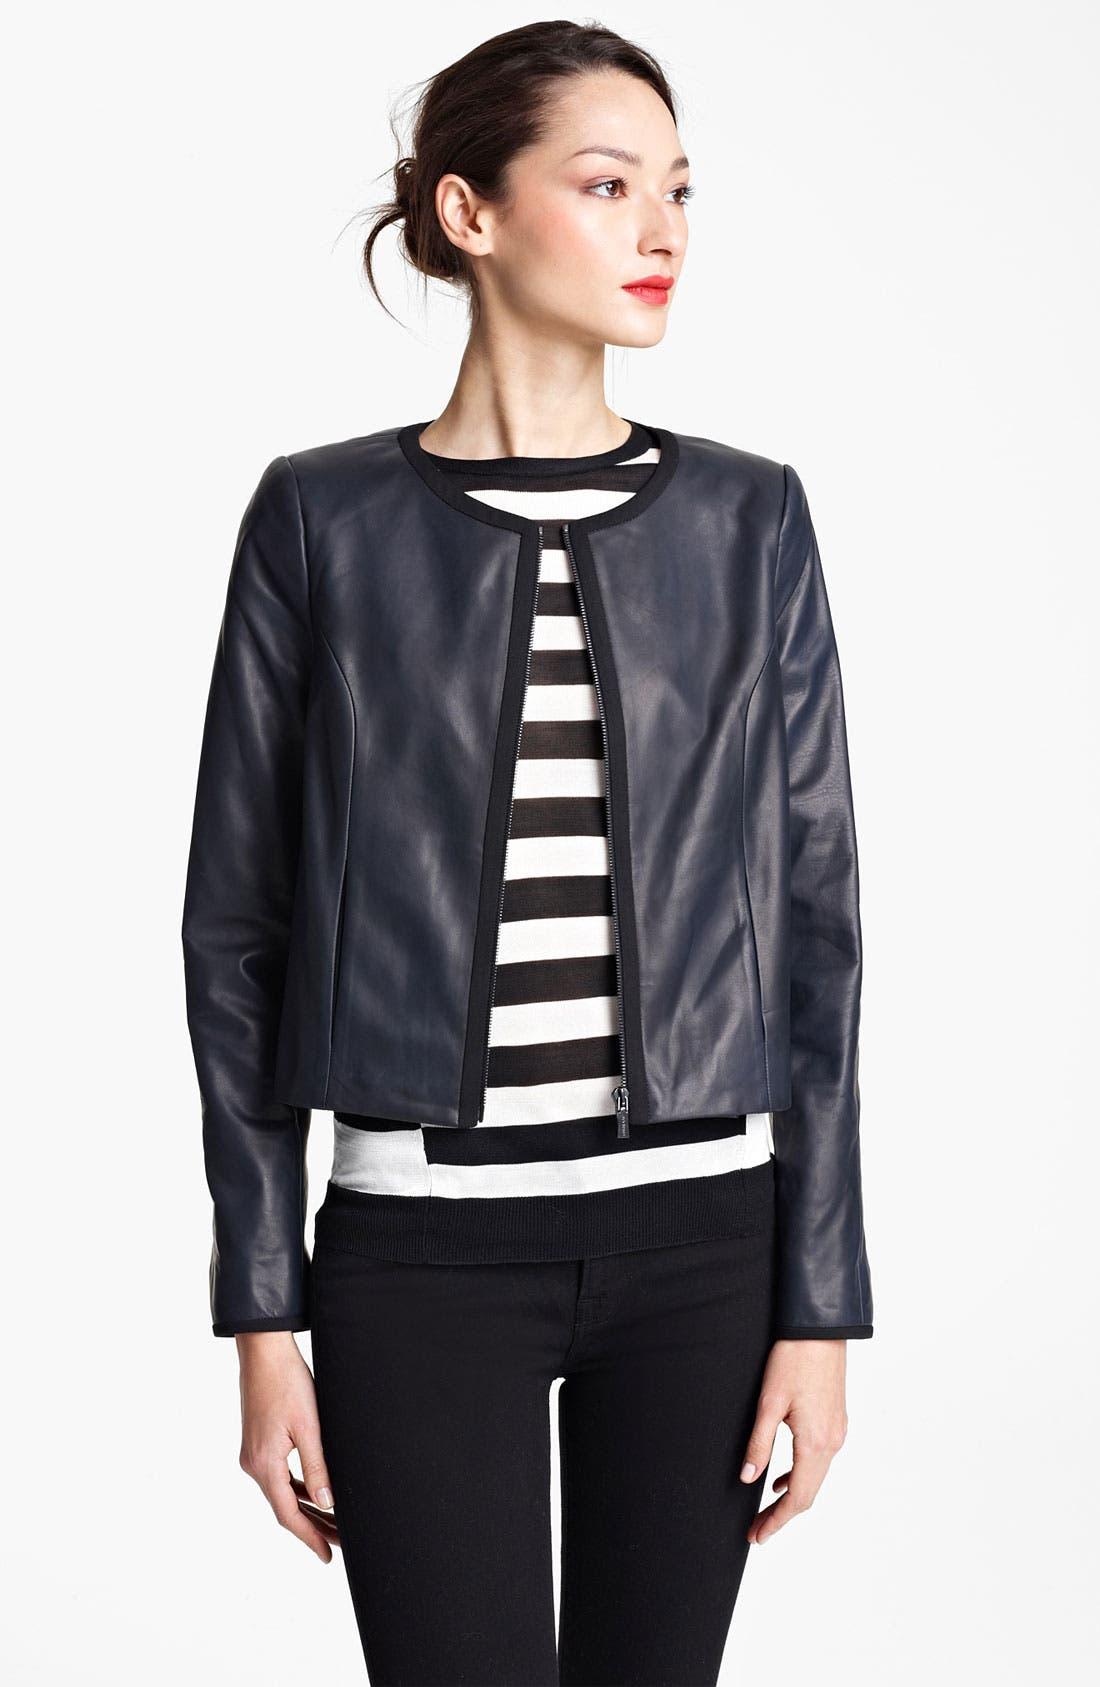 Alternate Image 1 Selected - Jason Wu Nappa Leather Jacket